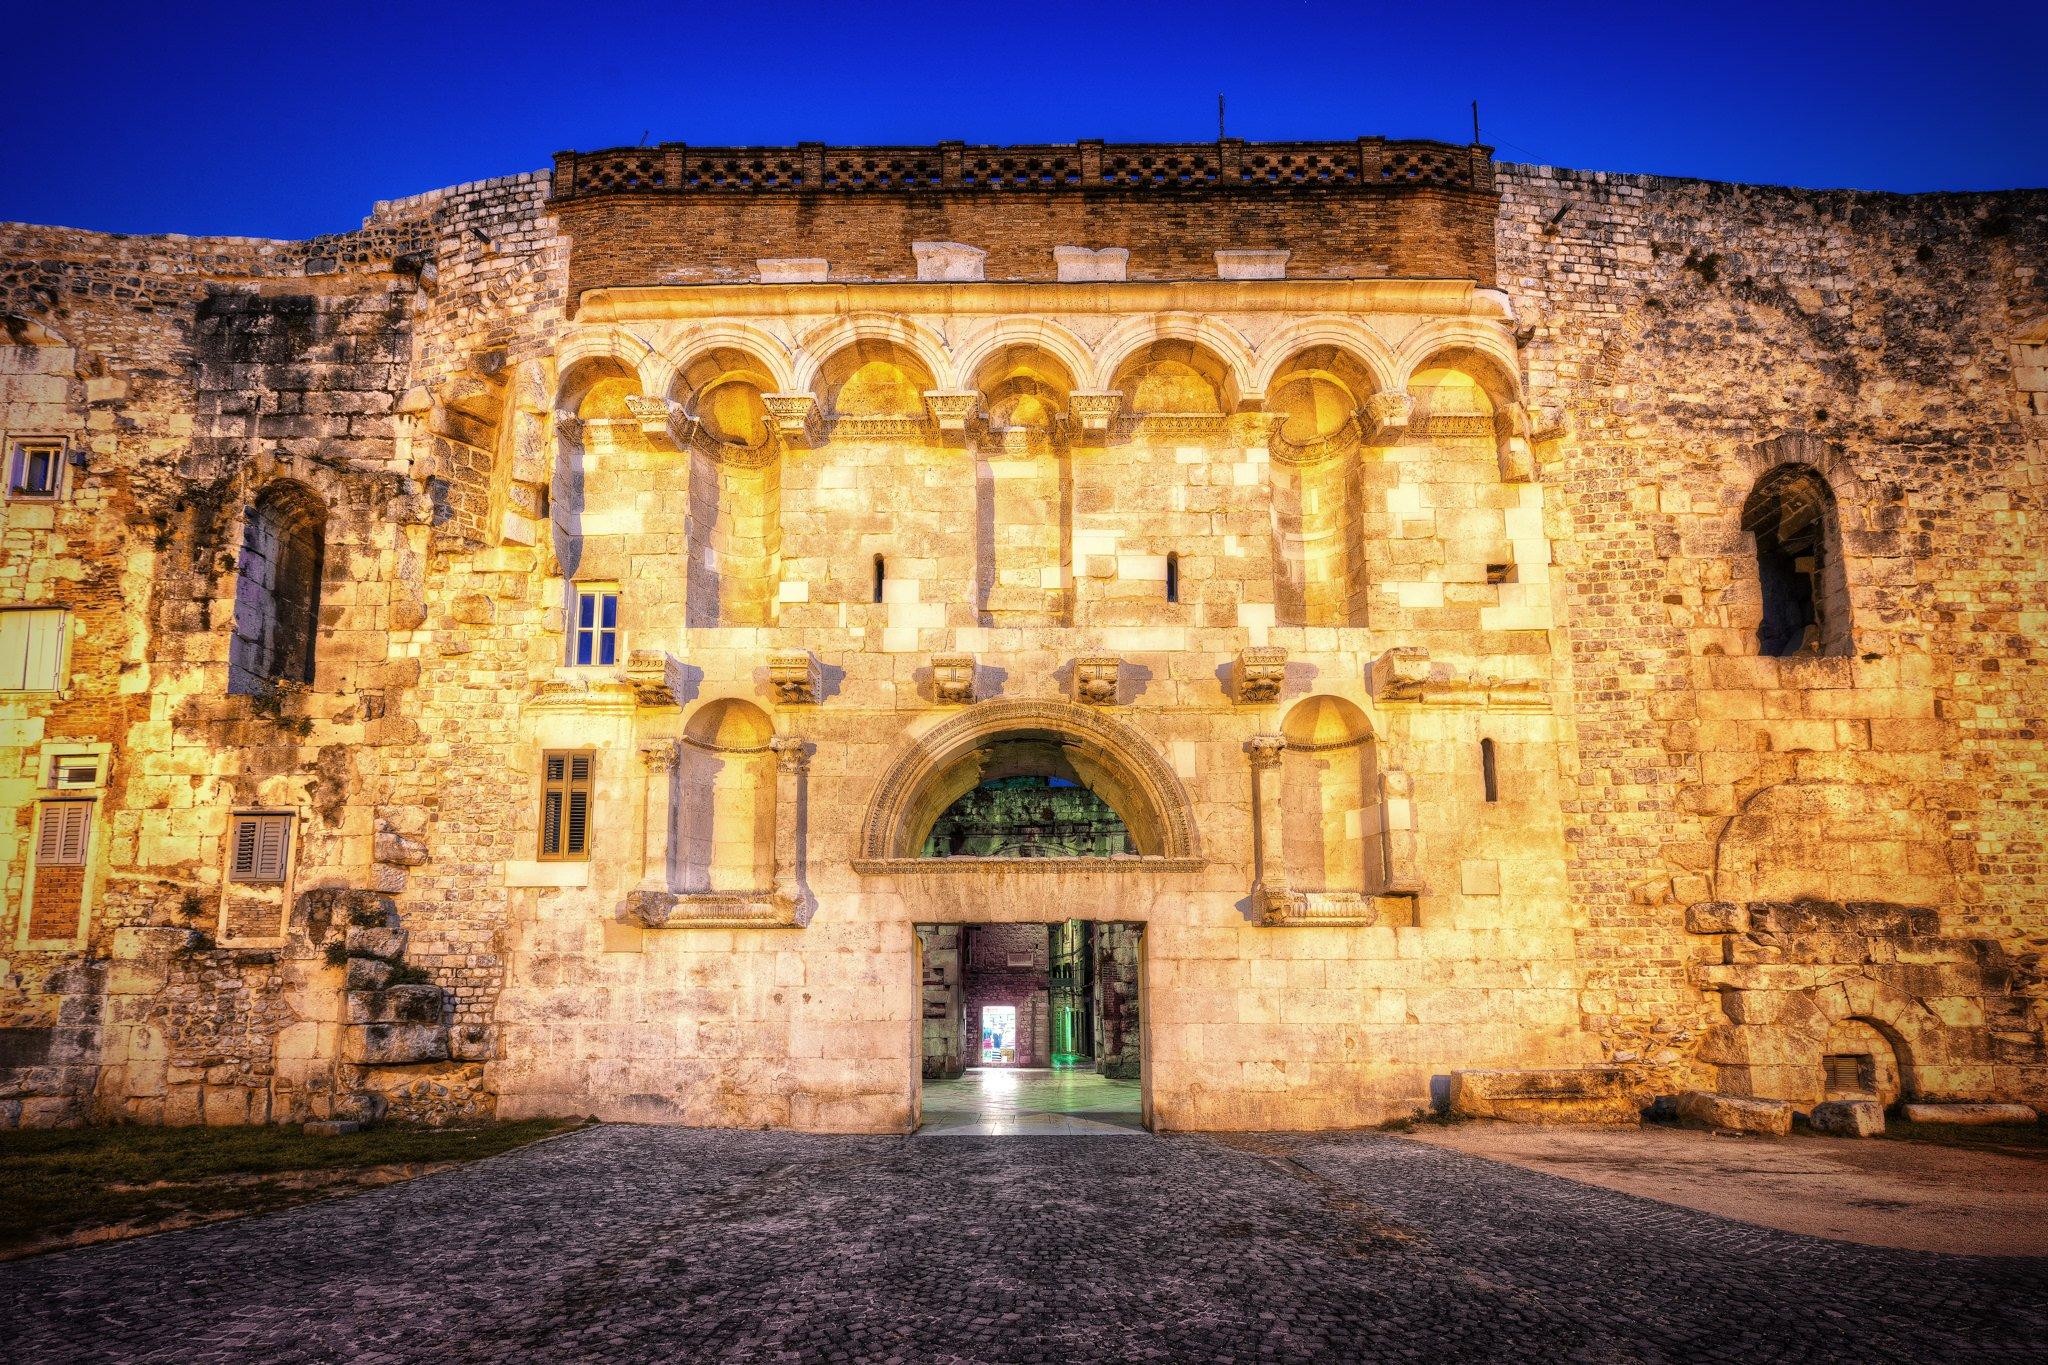 Ein Foto aus Kroatien - ein majestätisches Tor zu den Stadtmauern von Split.